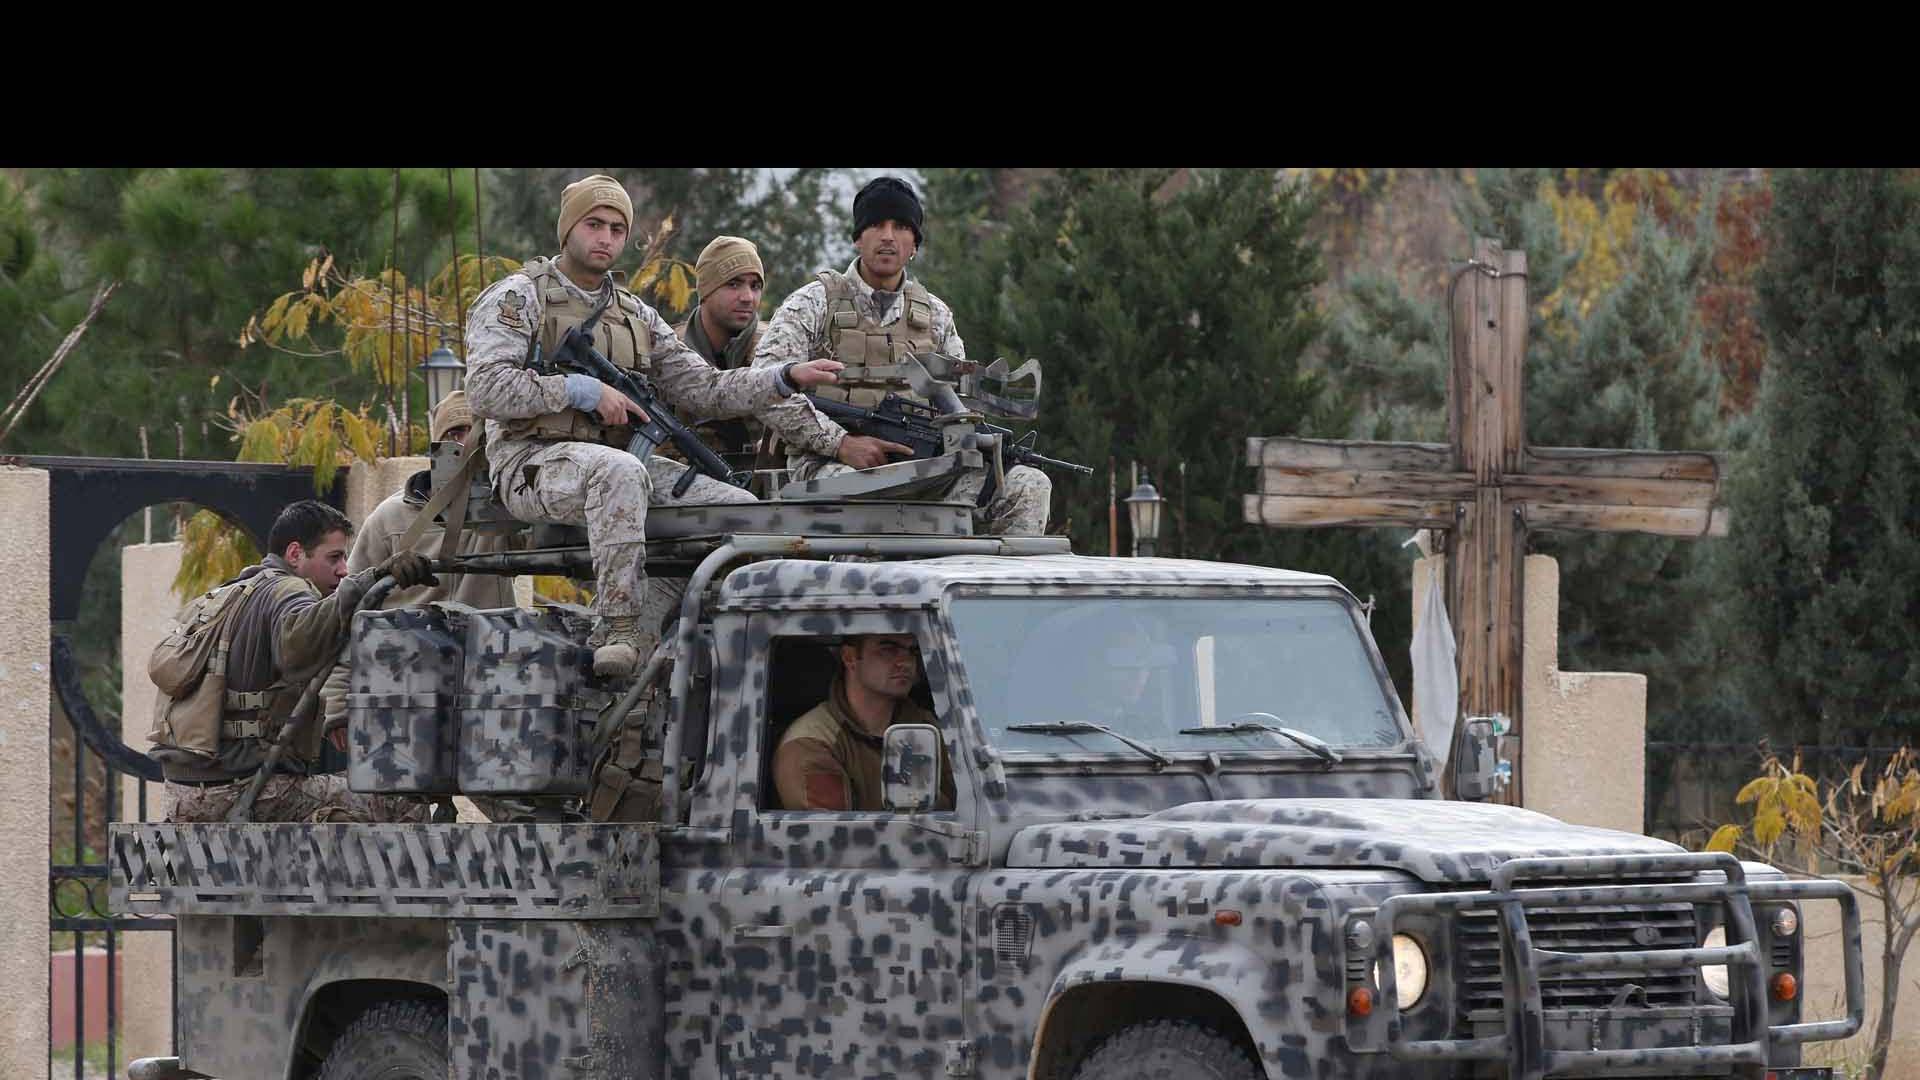 El ejército nacional intentó fallidamente capturar al líder de una secta chiita